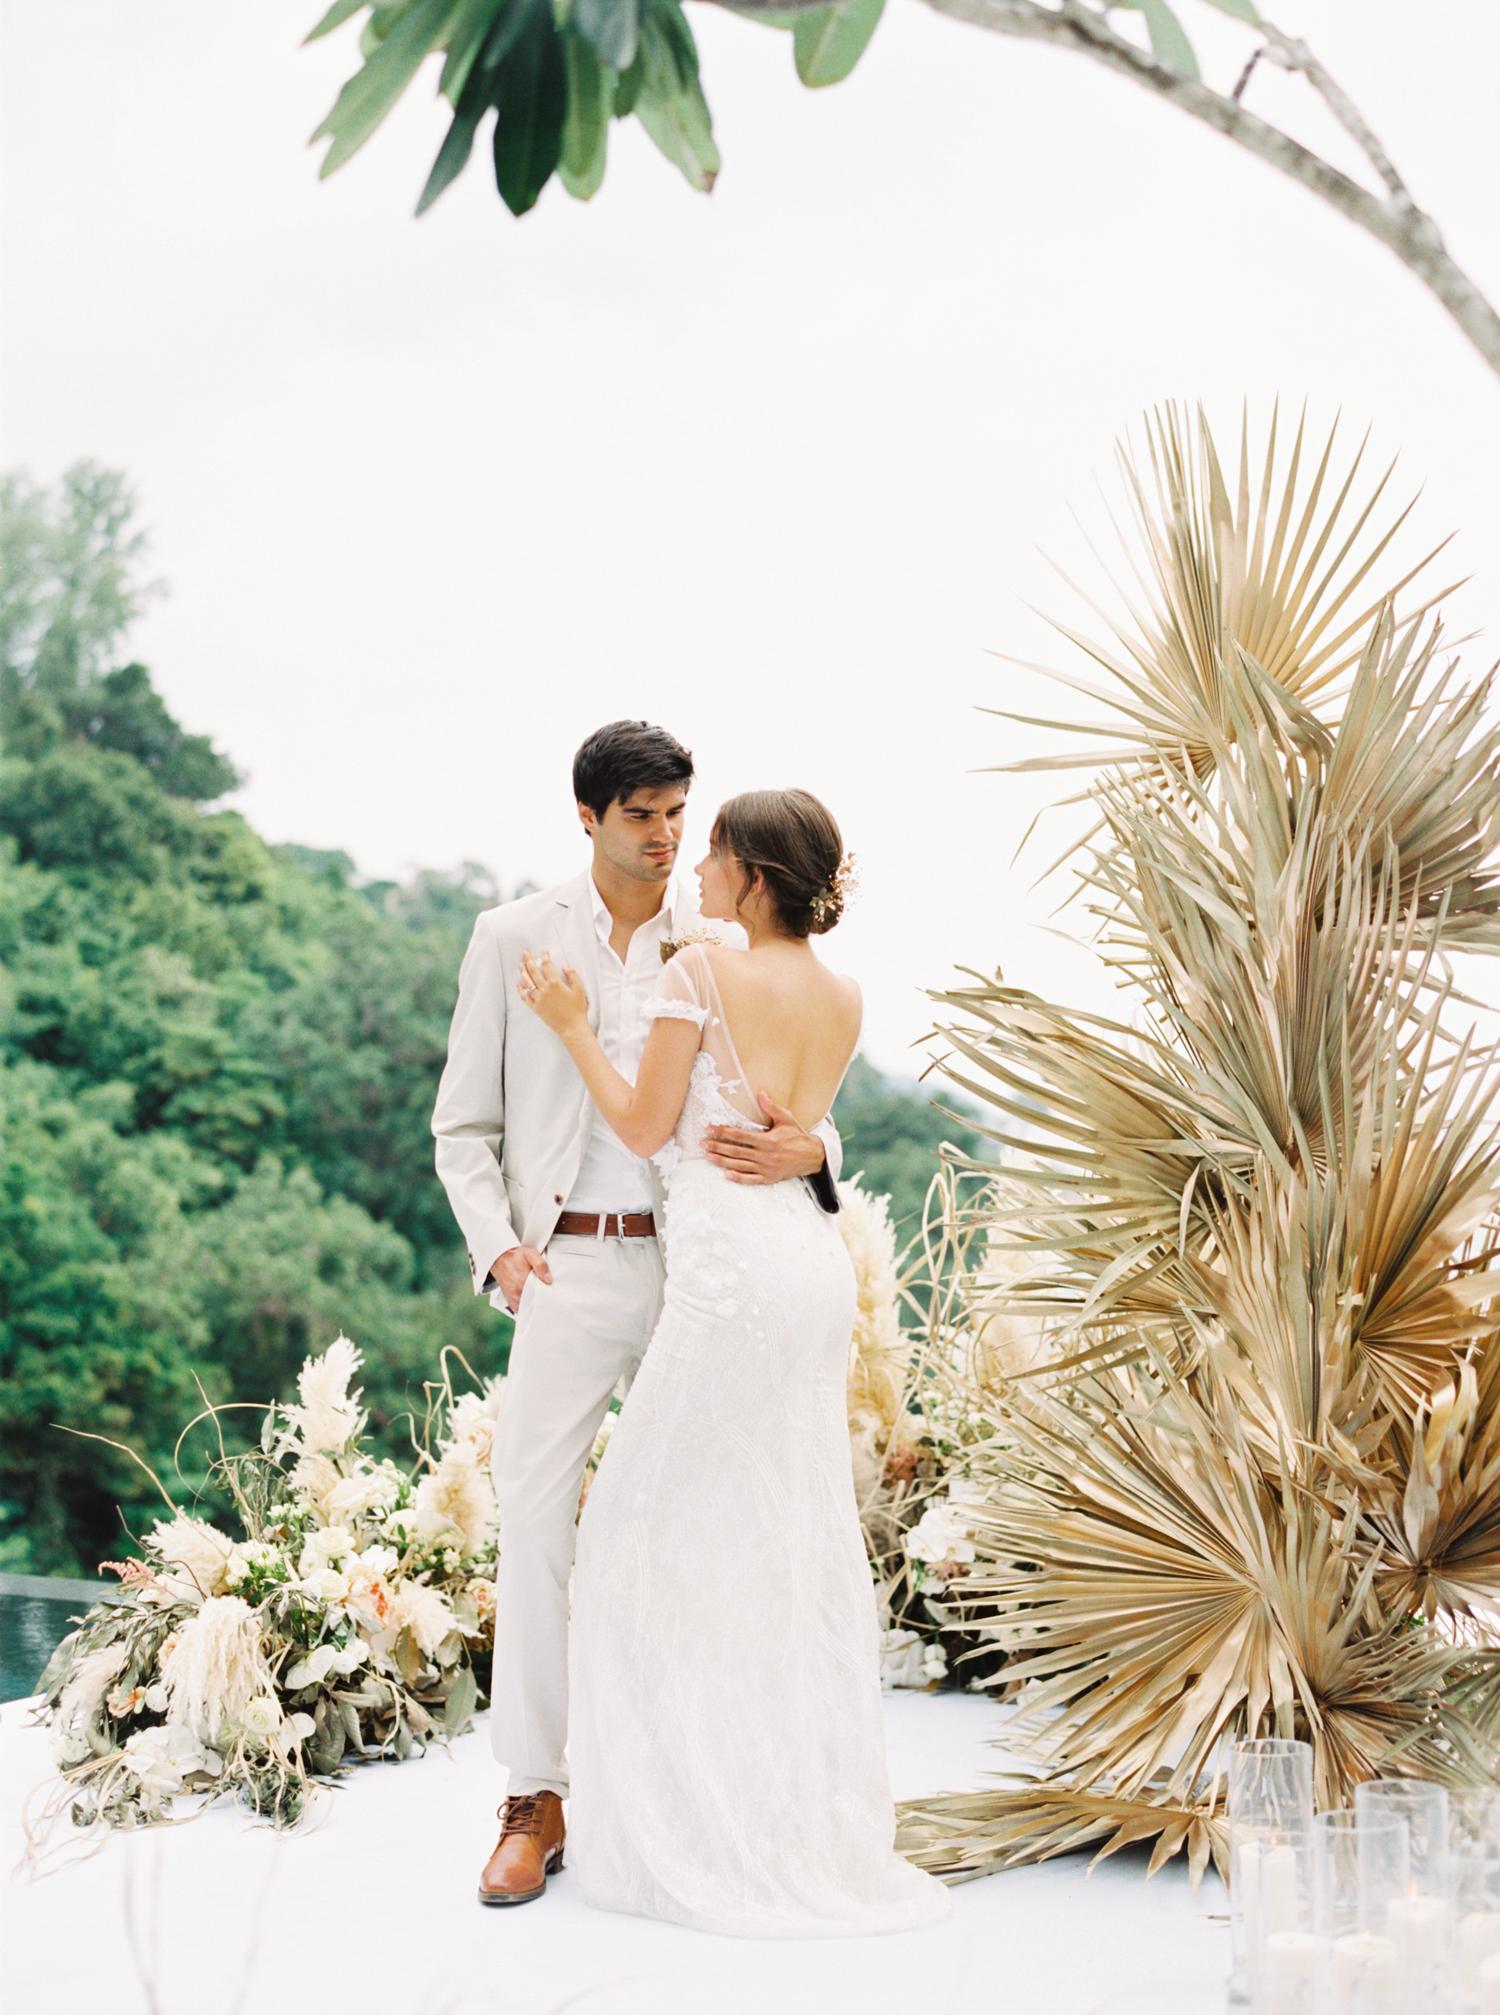 Destination Wedding in Phuket Thailand at Luxury Private villas